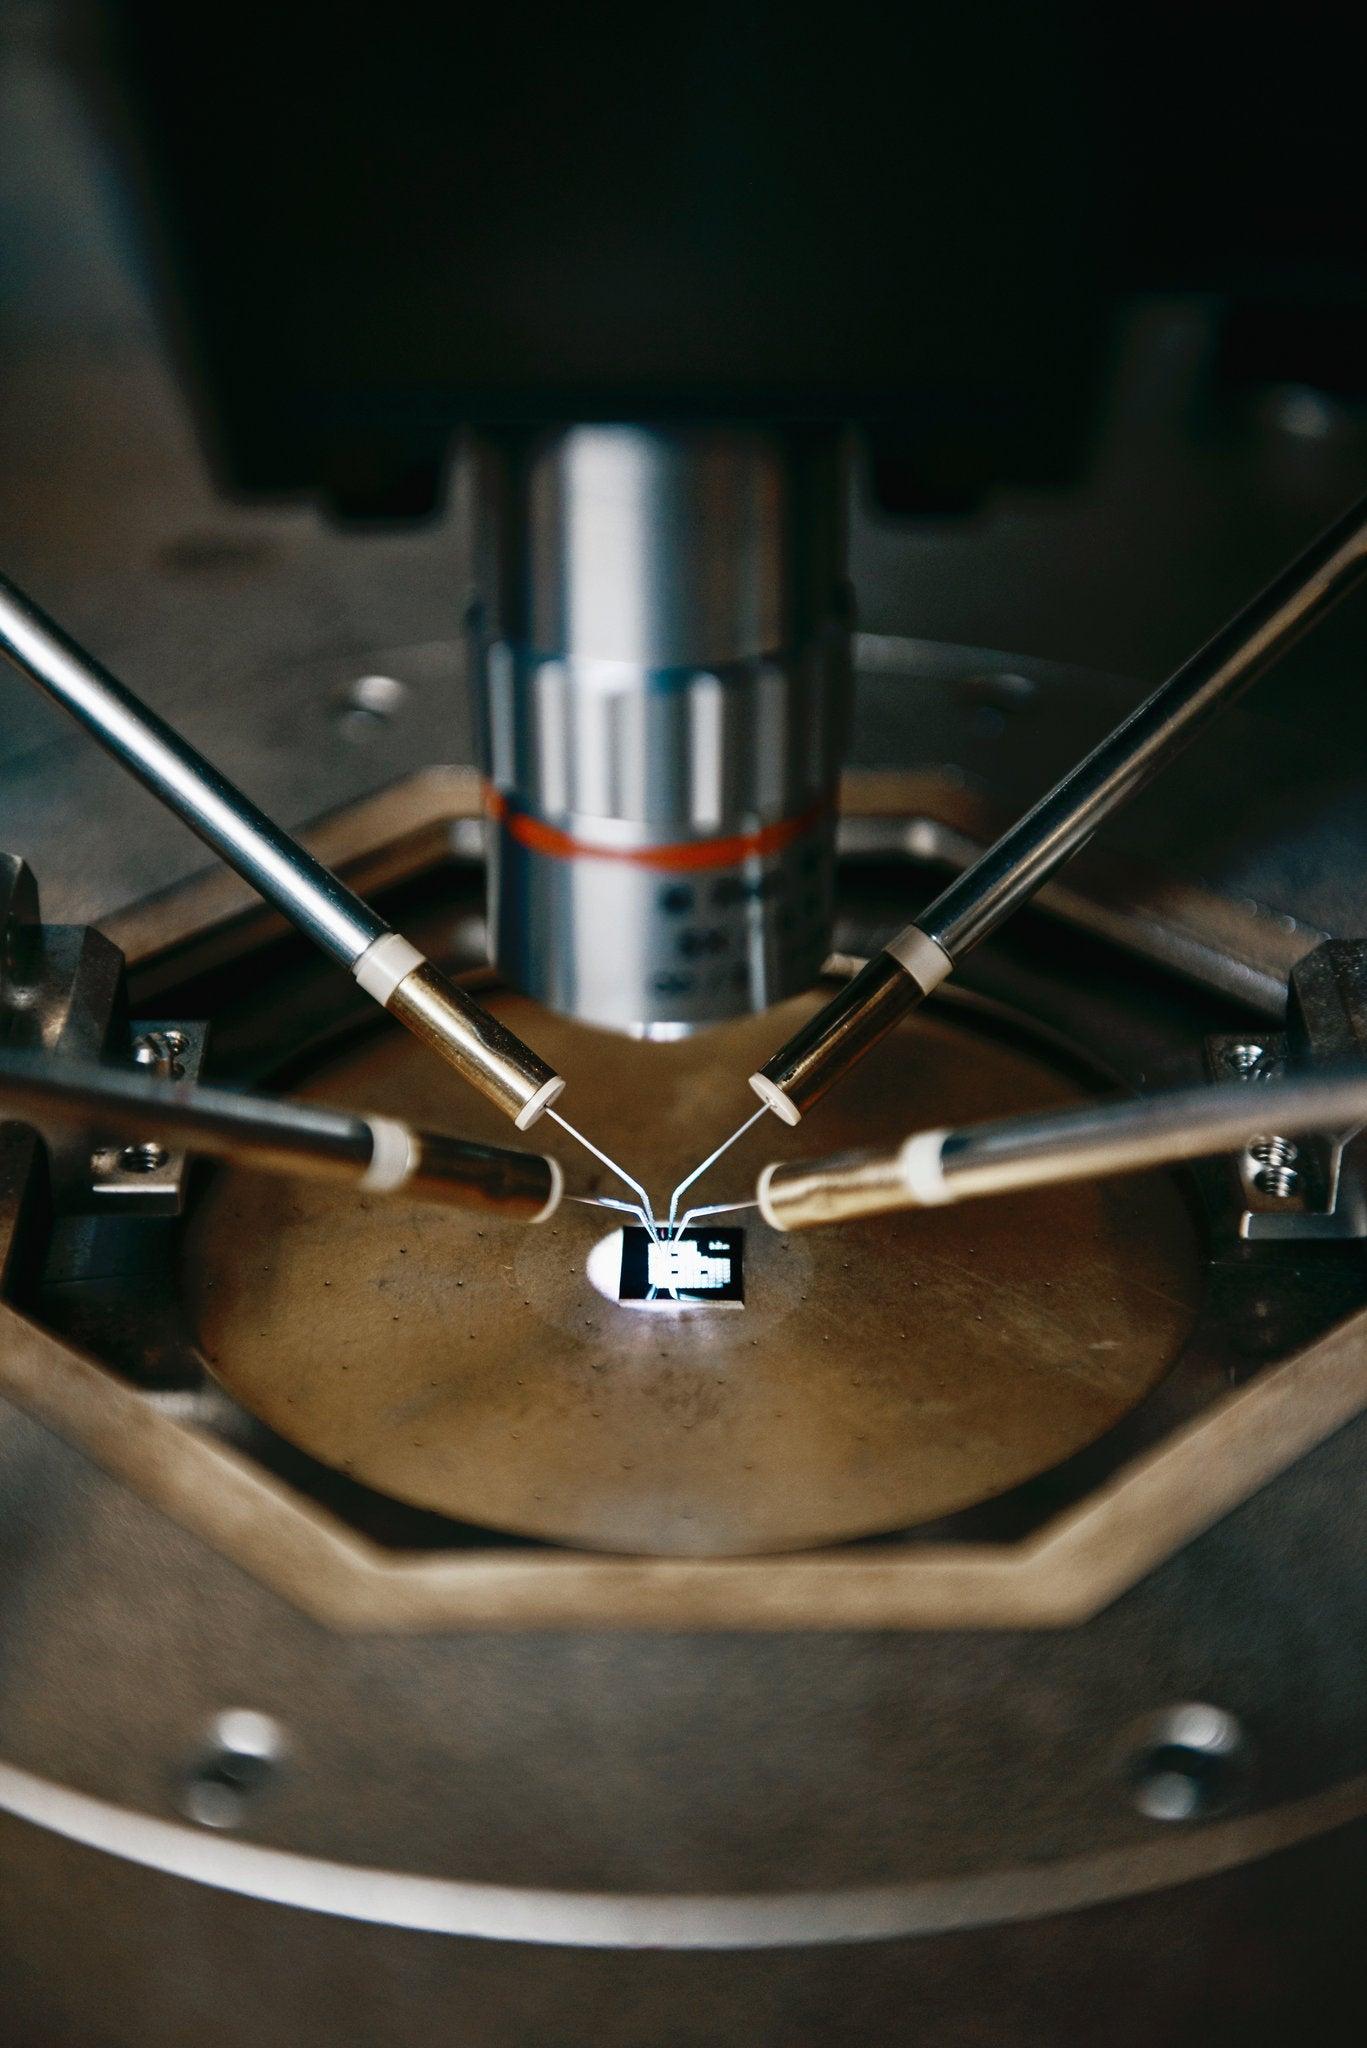 Сверхспособности сверхтонких материалов: в материаловедении 2D – это новое 3D - 3